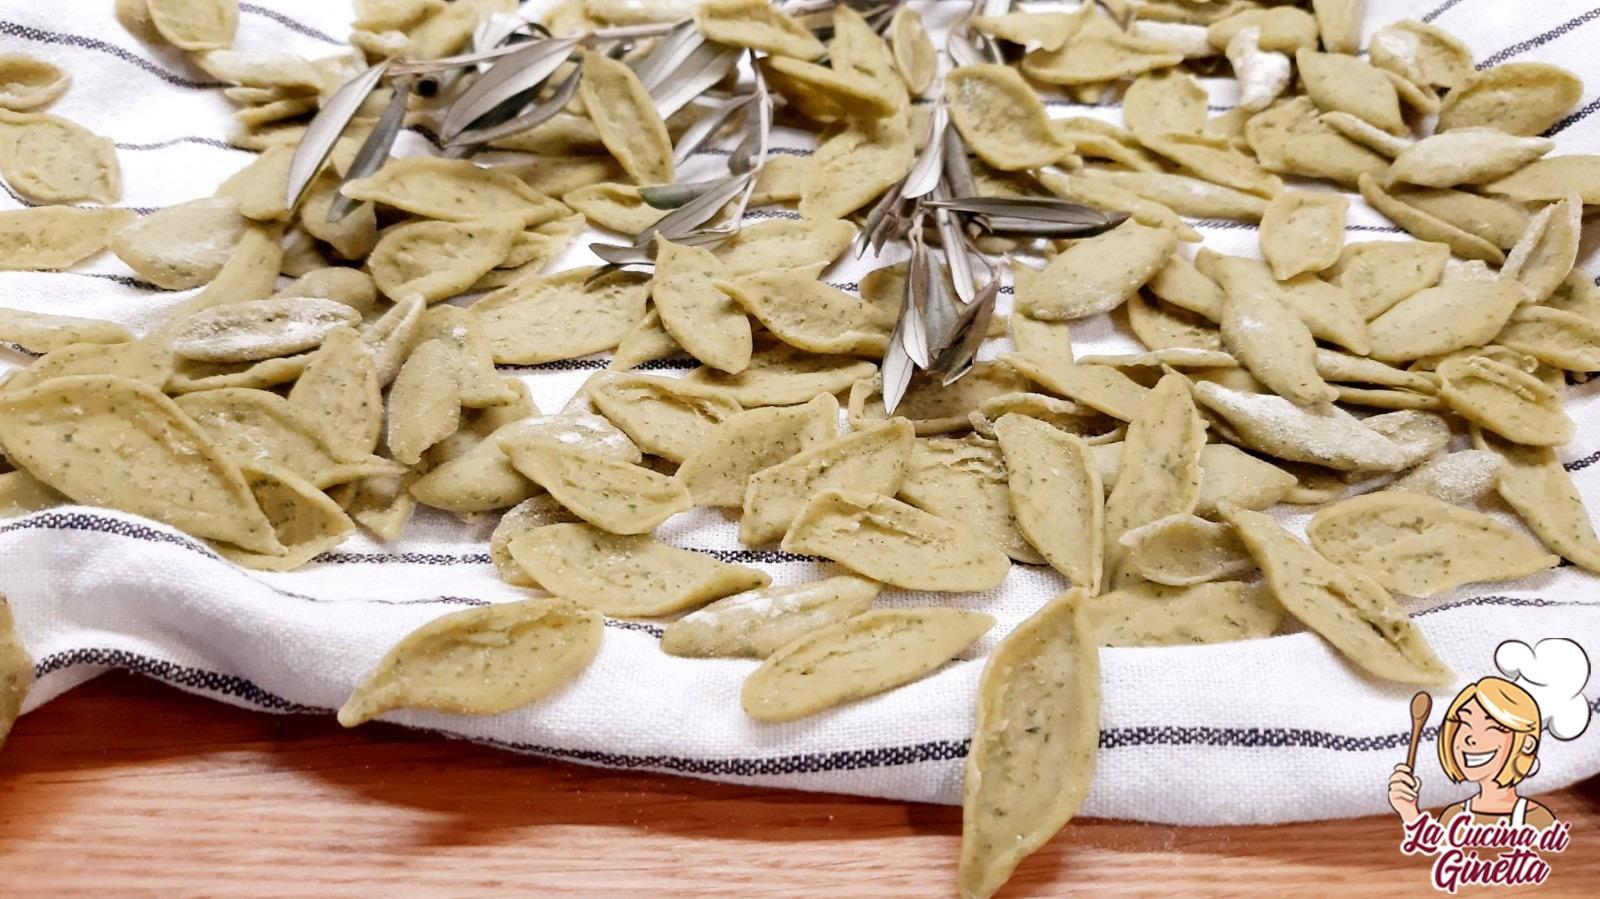 pasta foglie di ulivo